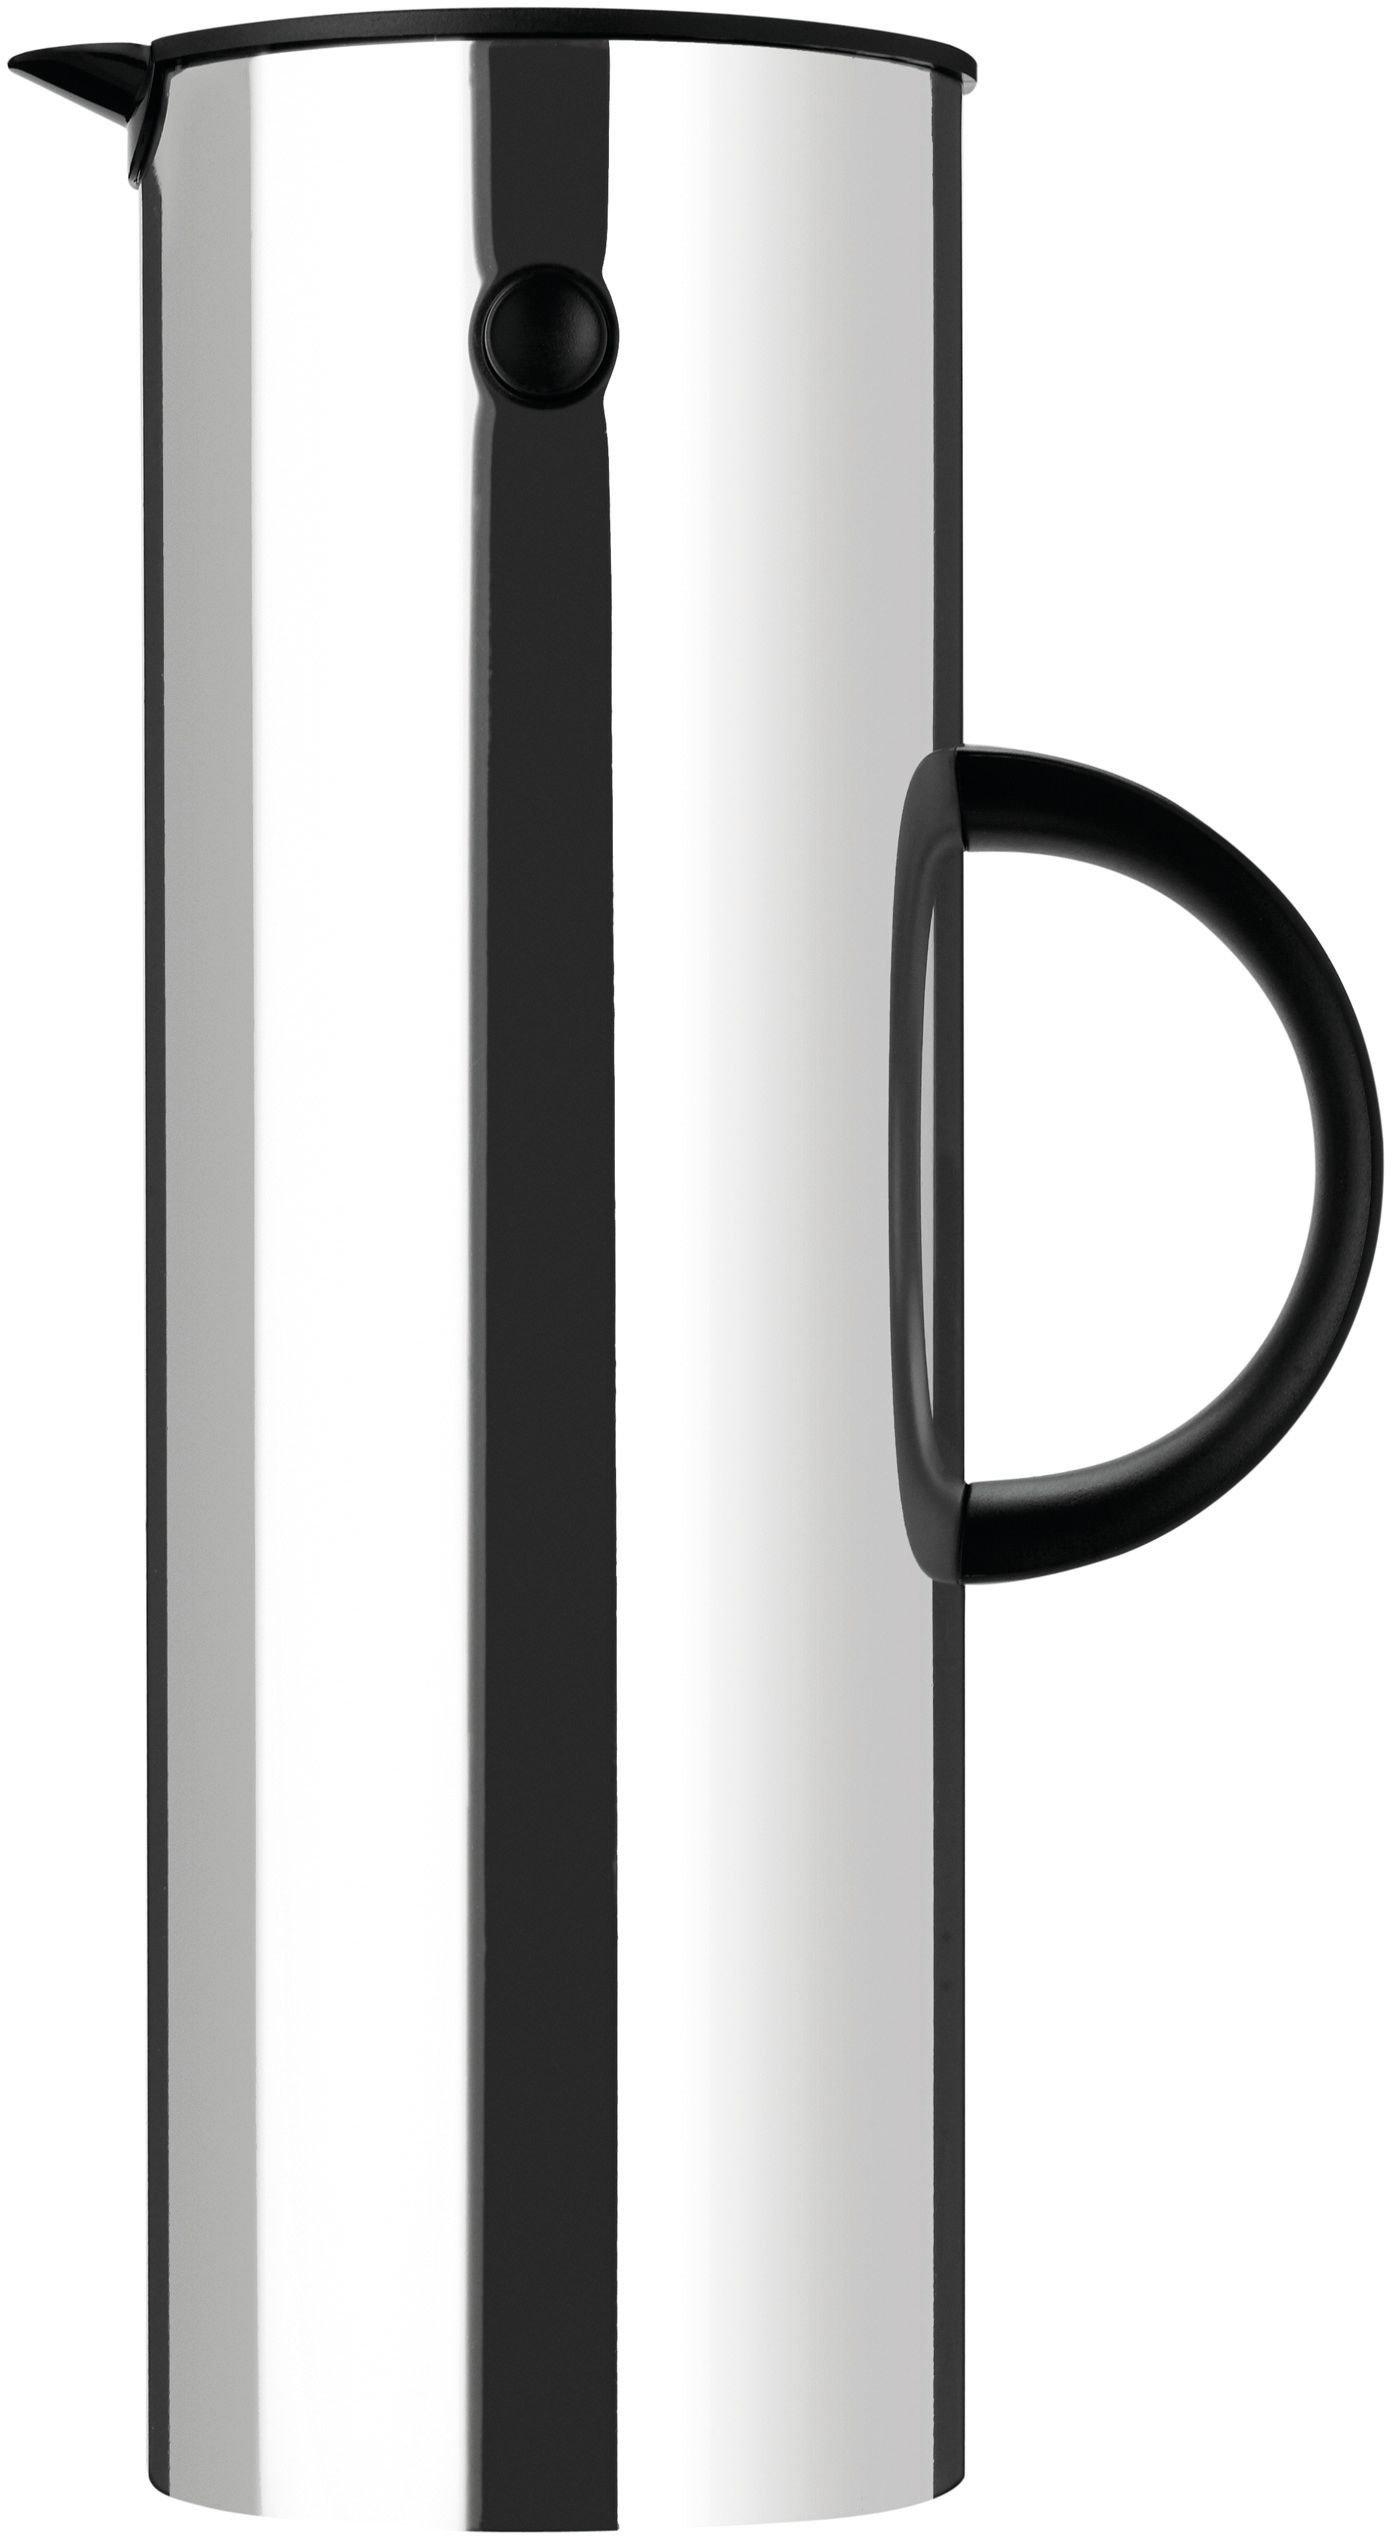 Stelton EM77 Vacuum Jug, 33.8 oz, steel